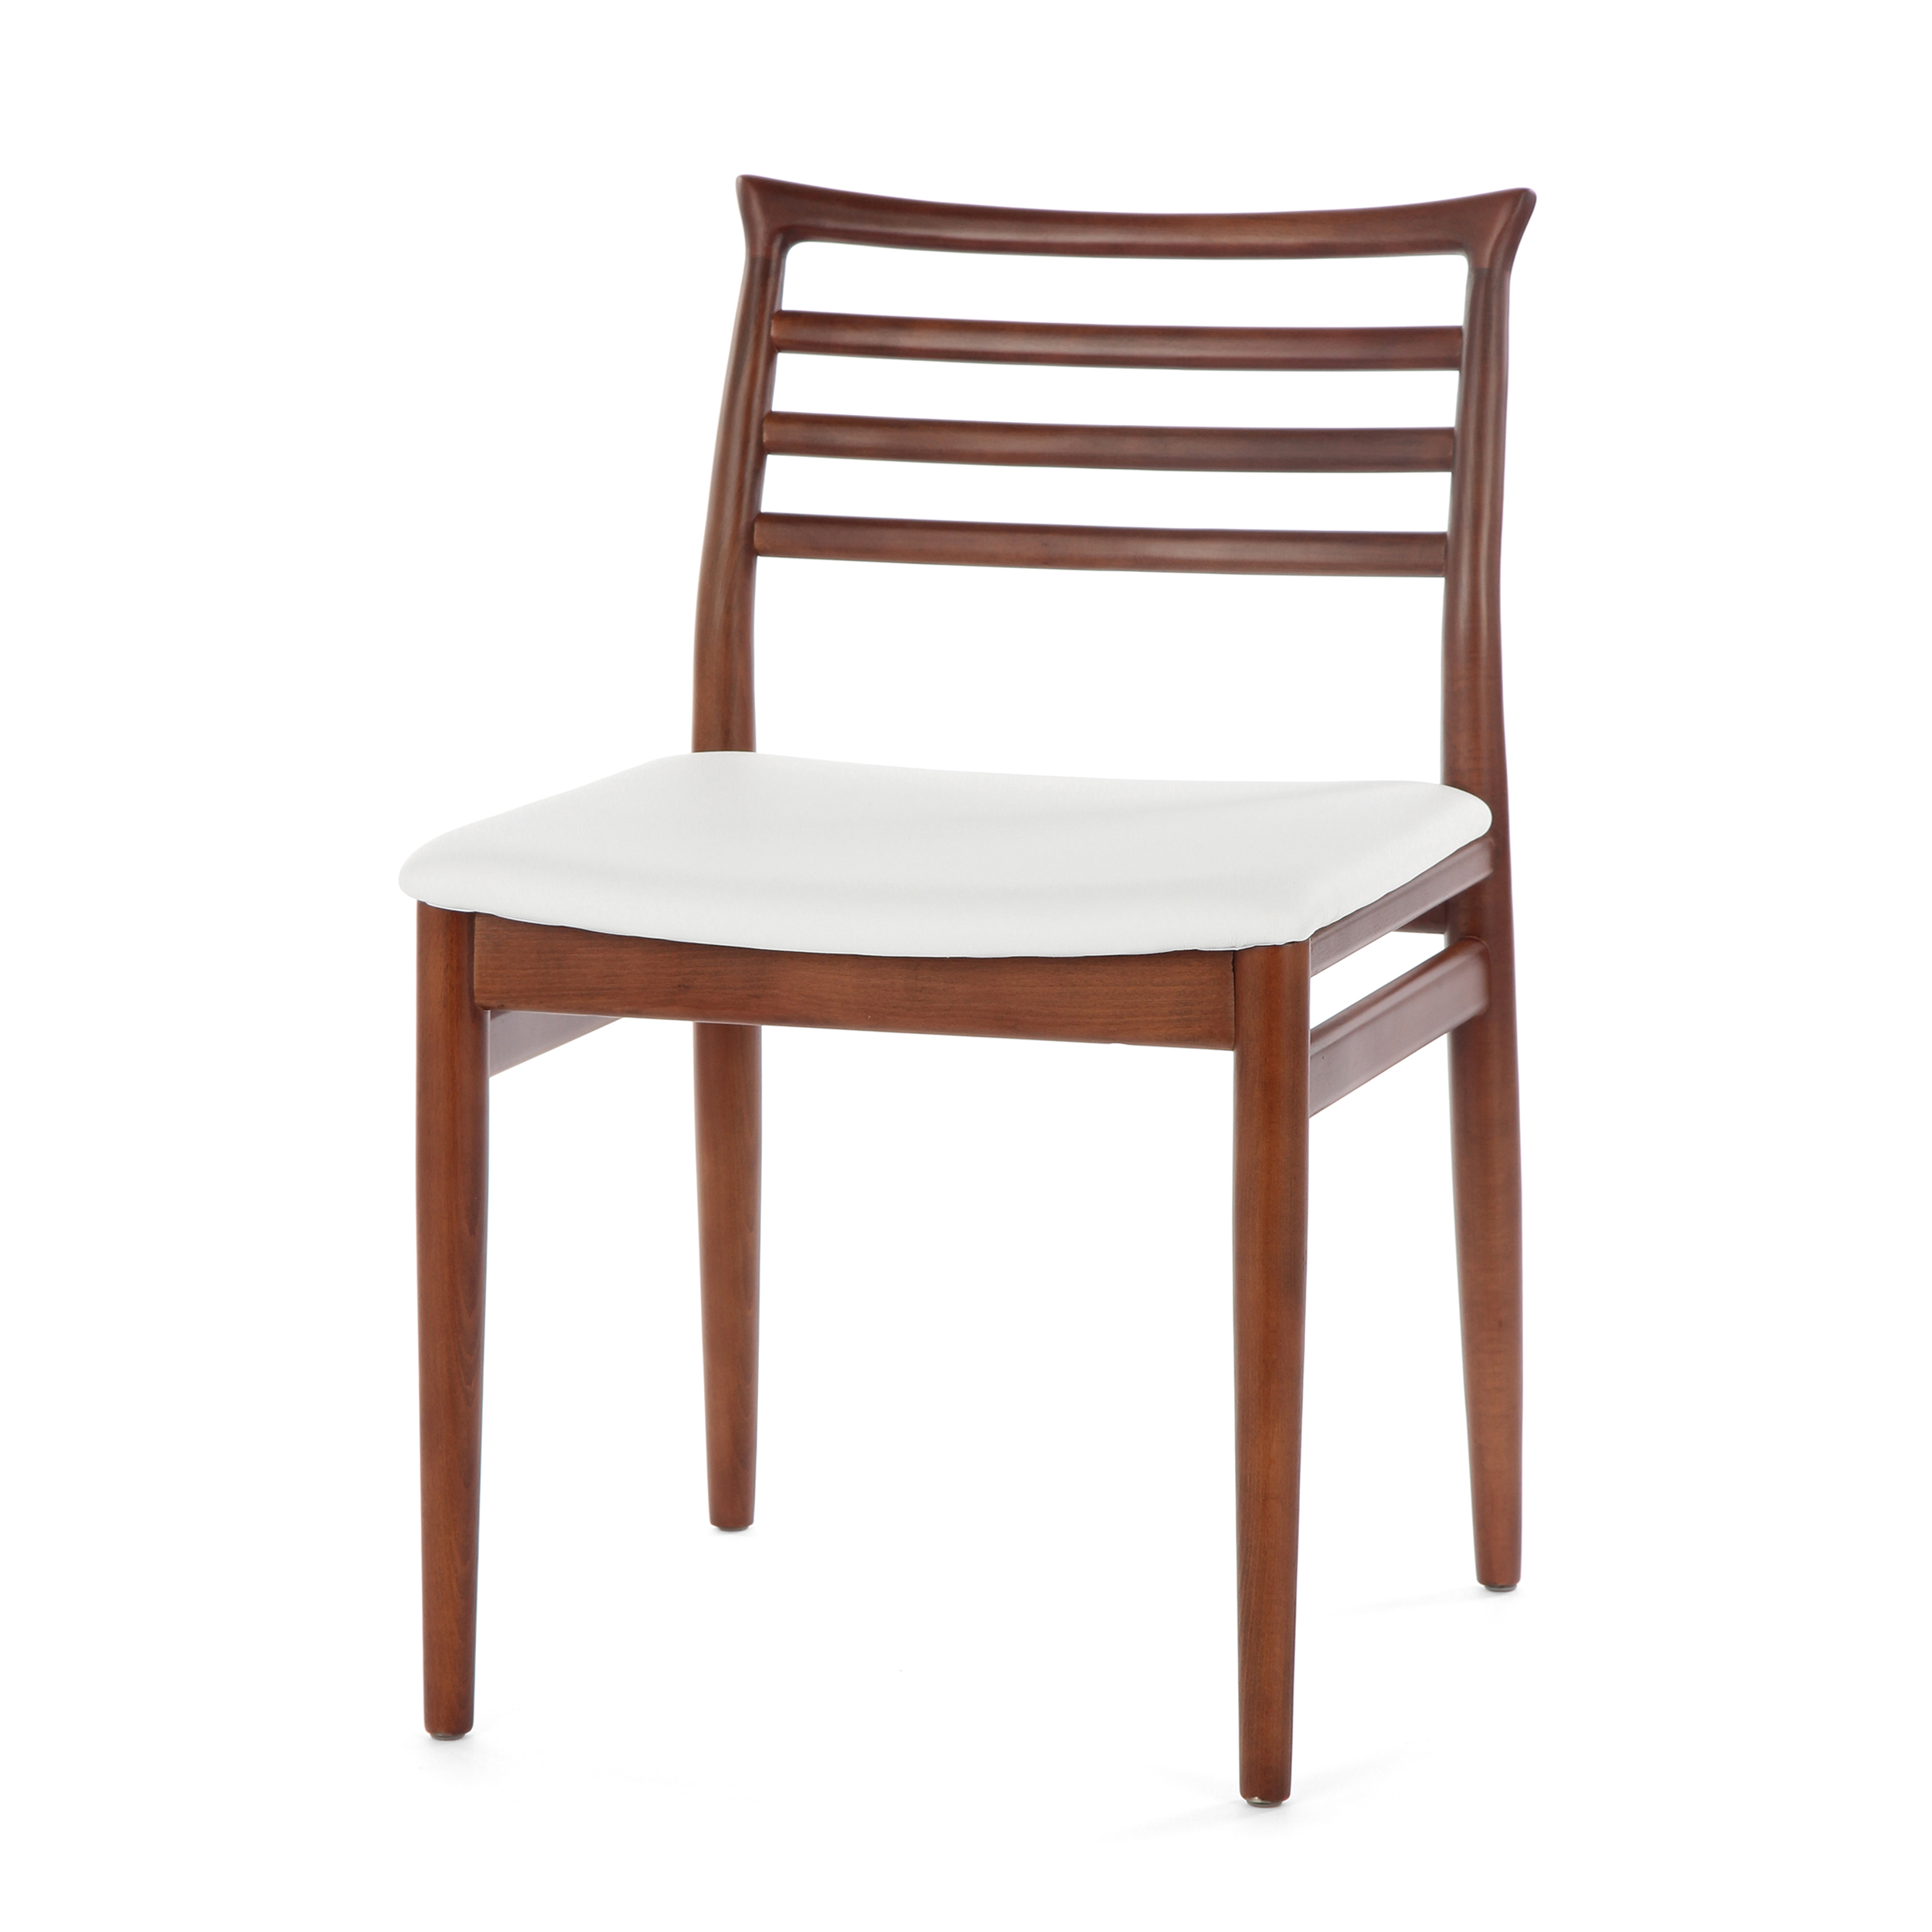 Обеденный стул BrunnИнтерьерные<br>Дизайнерский деревянный легкий стул Brunn (Брун) классической формы с кожаным сиденьем от Cosmo (Космо).<br><br>     Датский стиль означает особую функциональность всех предметов, используемых в интерьере. Он не перенасыщает помещение яркими красками и чрезмерным блеском. Разработанный в 1961 году стул Brunn — образец нетленной классики, сочетания элегантности и утонченного дизайна.<br><br><br>     Анатомической формы сиденье и спинка стула порадуют вас своей комфортностью. Стул сделан из американского...<br><br>stock: 15<br>Высота: 80<br>Высота сиденья: 46<br>Ширина: 49<br>Глубина: 52<br>Материал каркаса: Массив бука<br>Тип материала каркаса: Дерево<br>Материал сидения: Кожа искусственная<br>Цвет сидения: Белый<br>Тип материала сидения: Полиуретан<br>Коллекция ткани: Premium Grade PU<br>Цвет каркаса: Орех